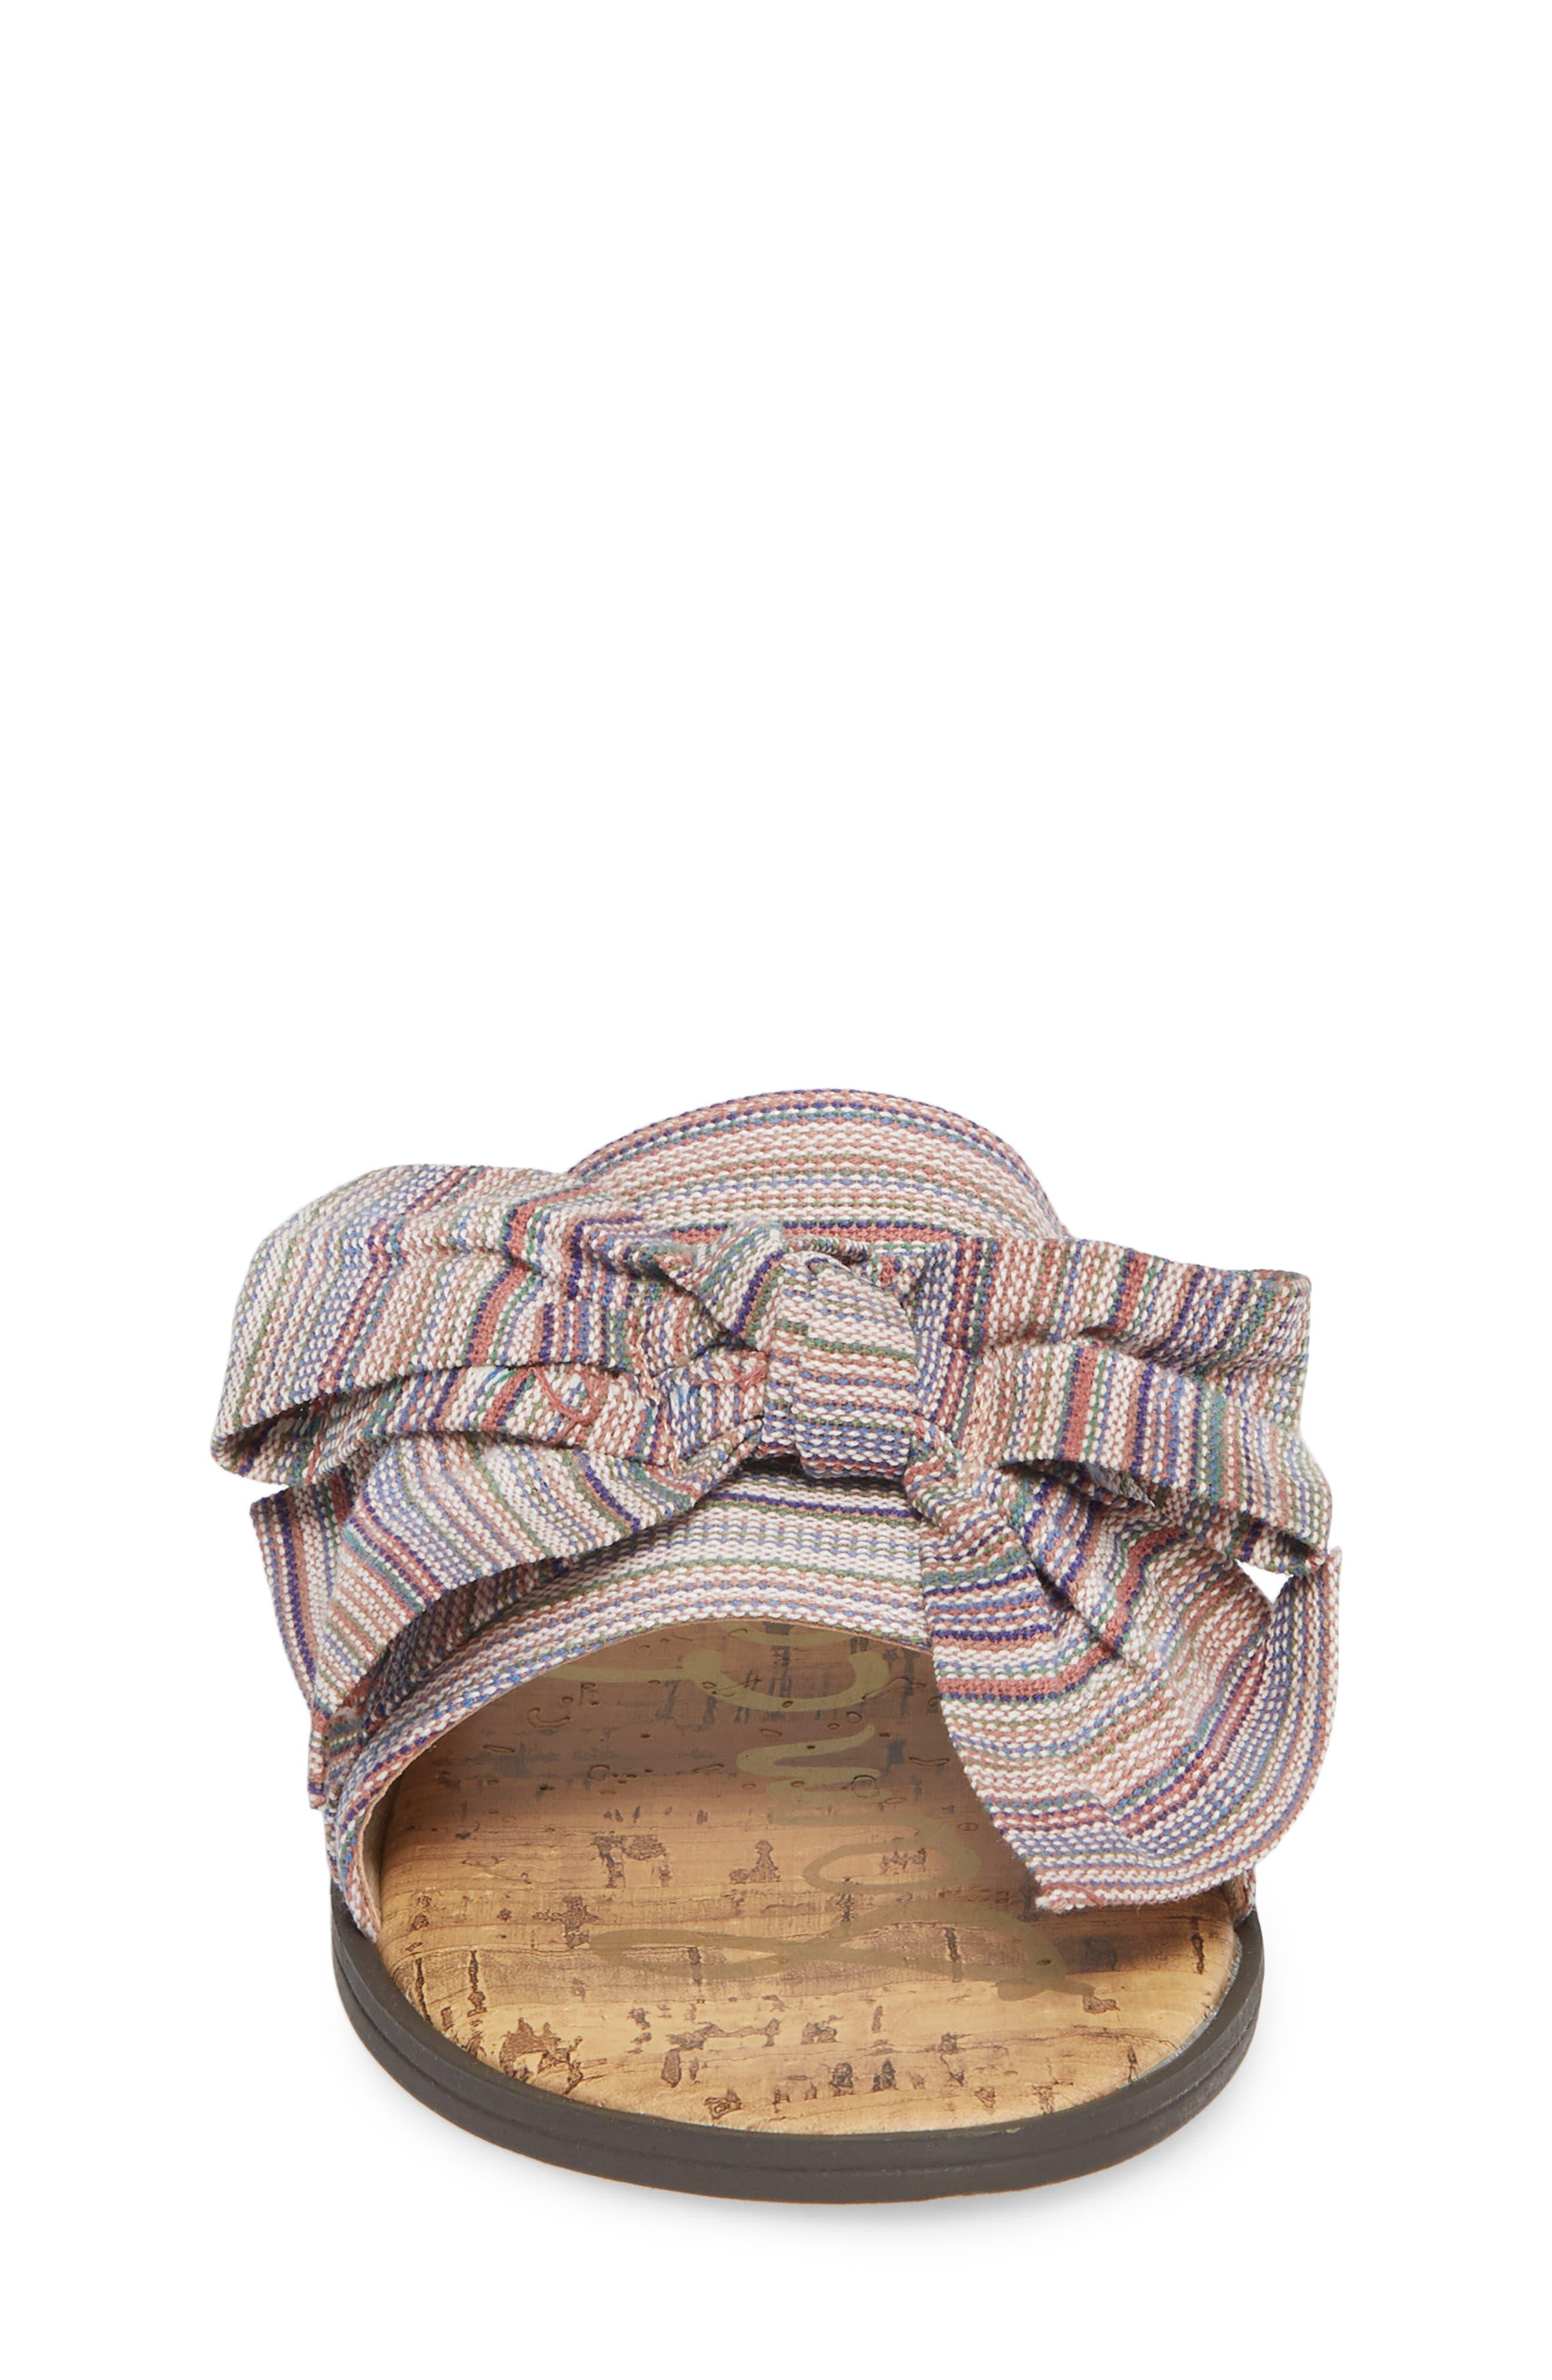 Gigi Bow Faux Leather Sandal,                             Alternate thumbnail 4, color,                             Tan Multi Fabric